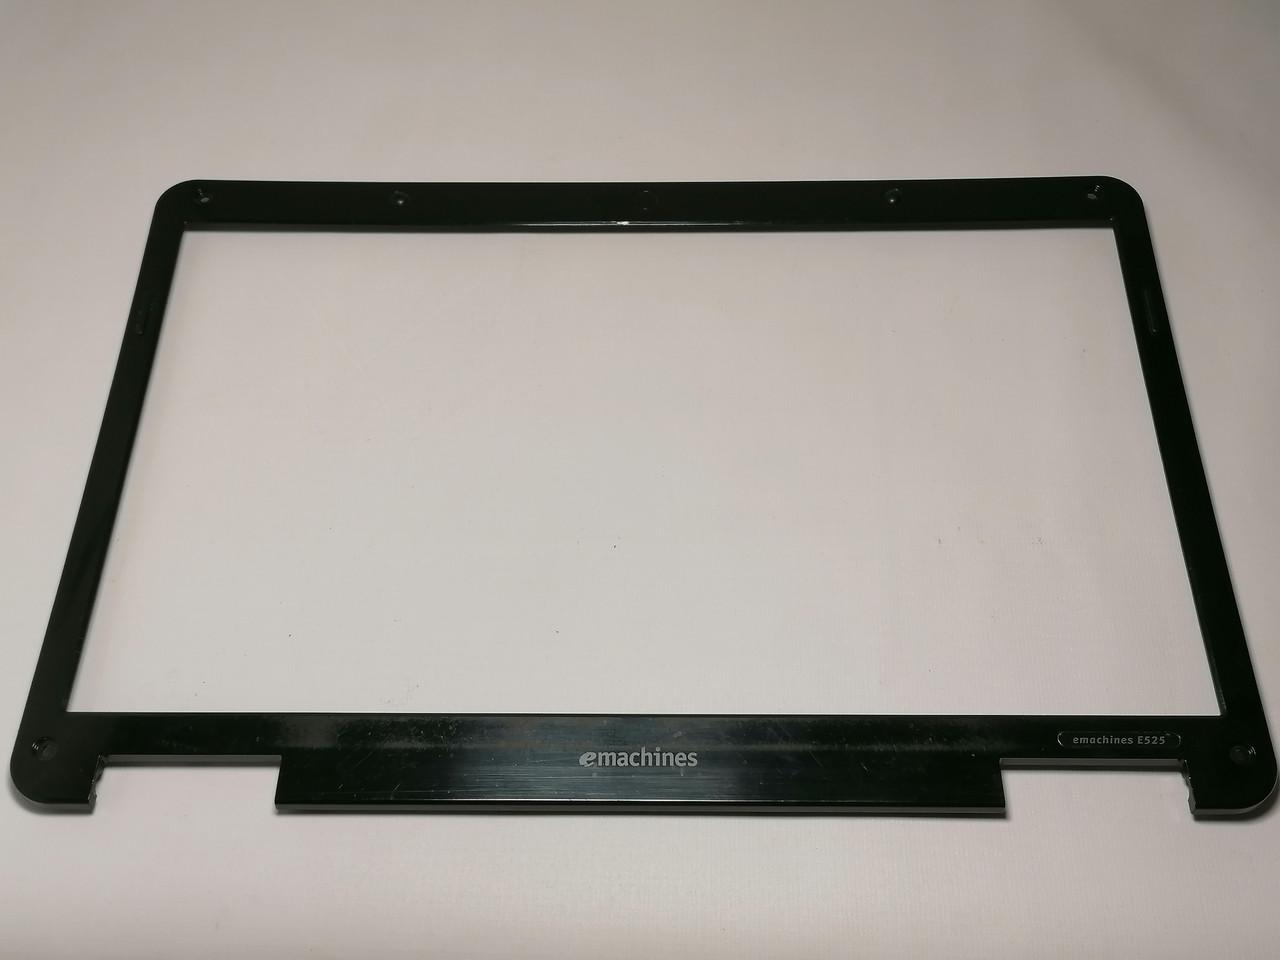 Б/У рамка матрицы для Acer eMachines  E430 E525 E527 E625 E627 E630 E725  AP06R000D00